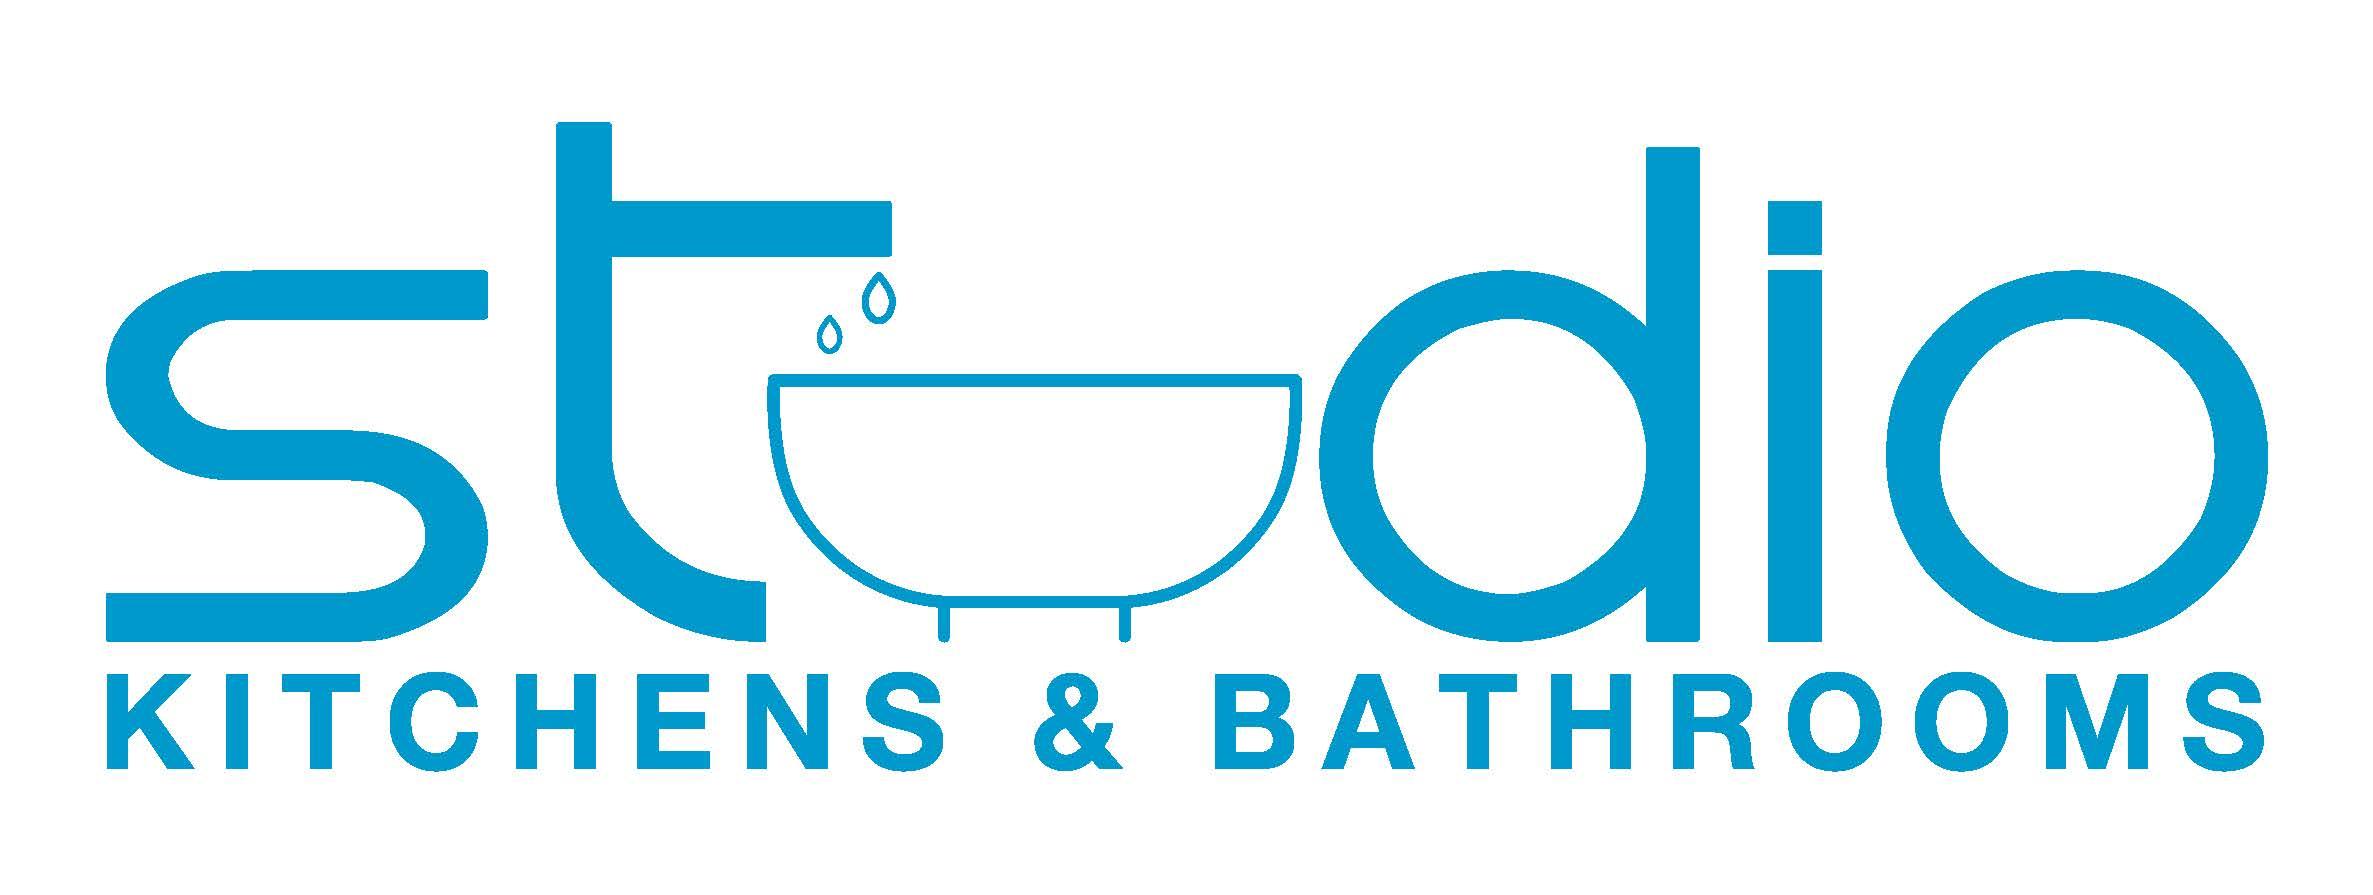 The Studio Kitchens & Bathrooms